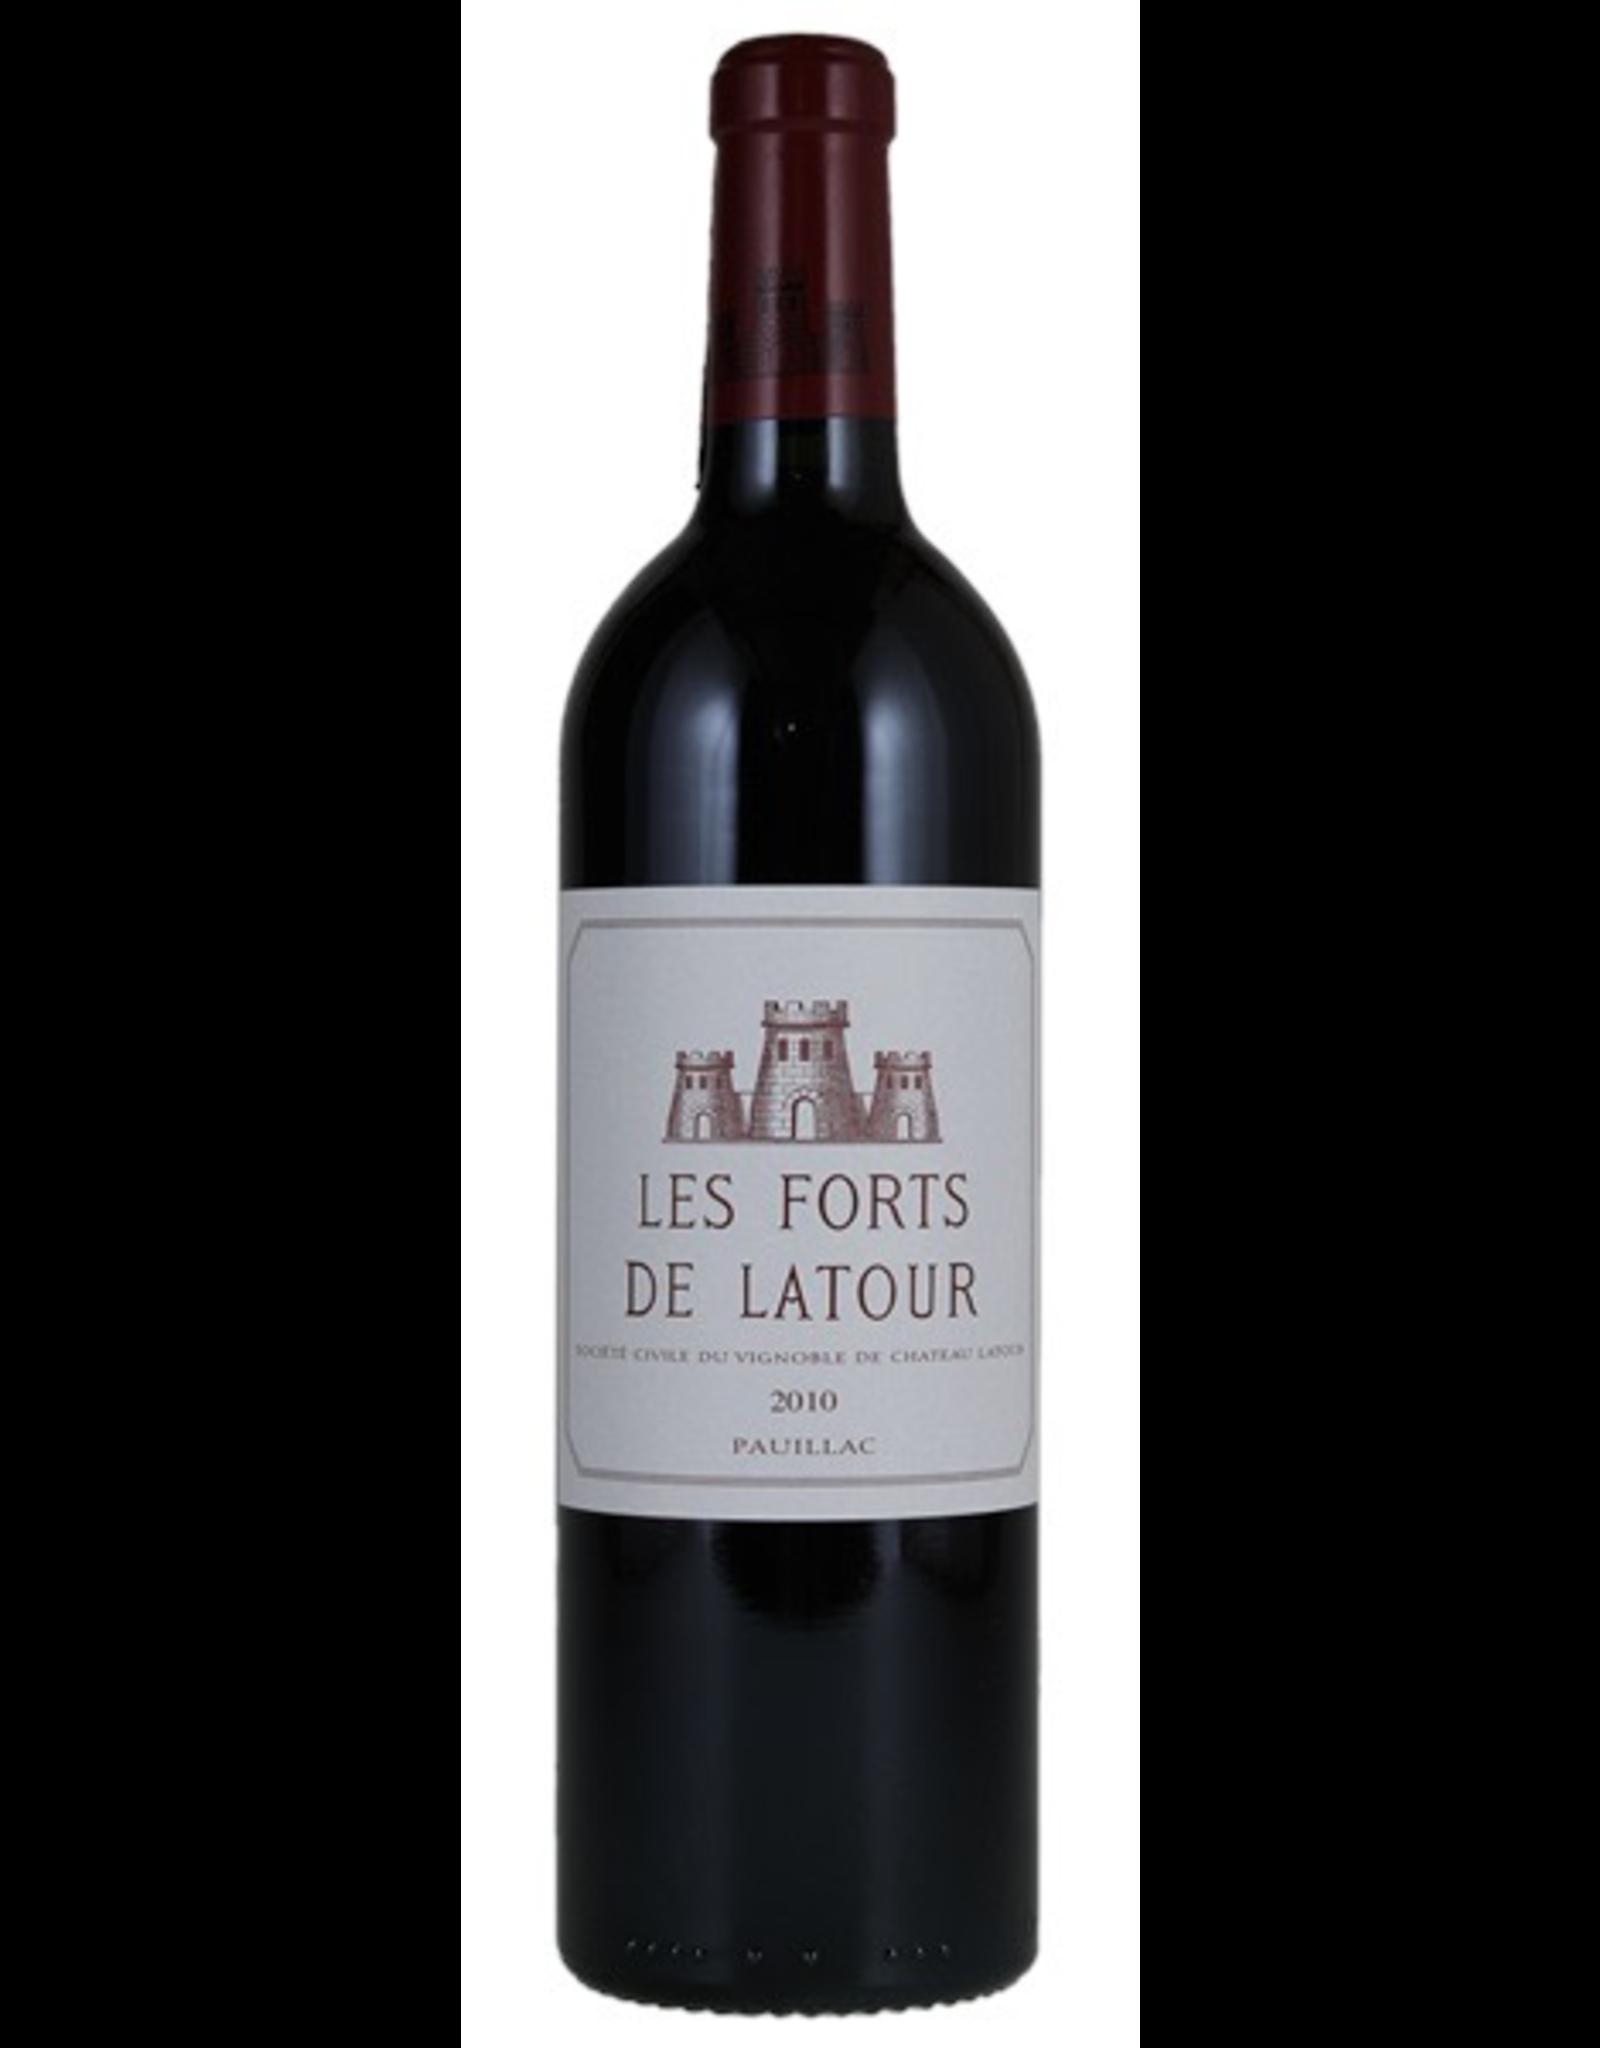 Red Wine 2010, Les Forts de Latour 1st Growth 2nd Grand Cru Chateau Latour, Red Bordeaux Blend, Pauillac, Bordeaux, France, 14% Alc, CT93.6 JS96